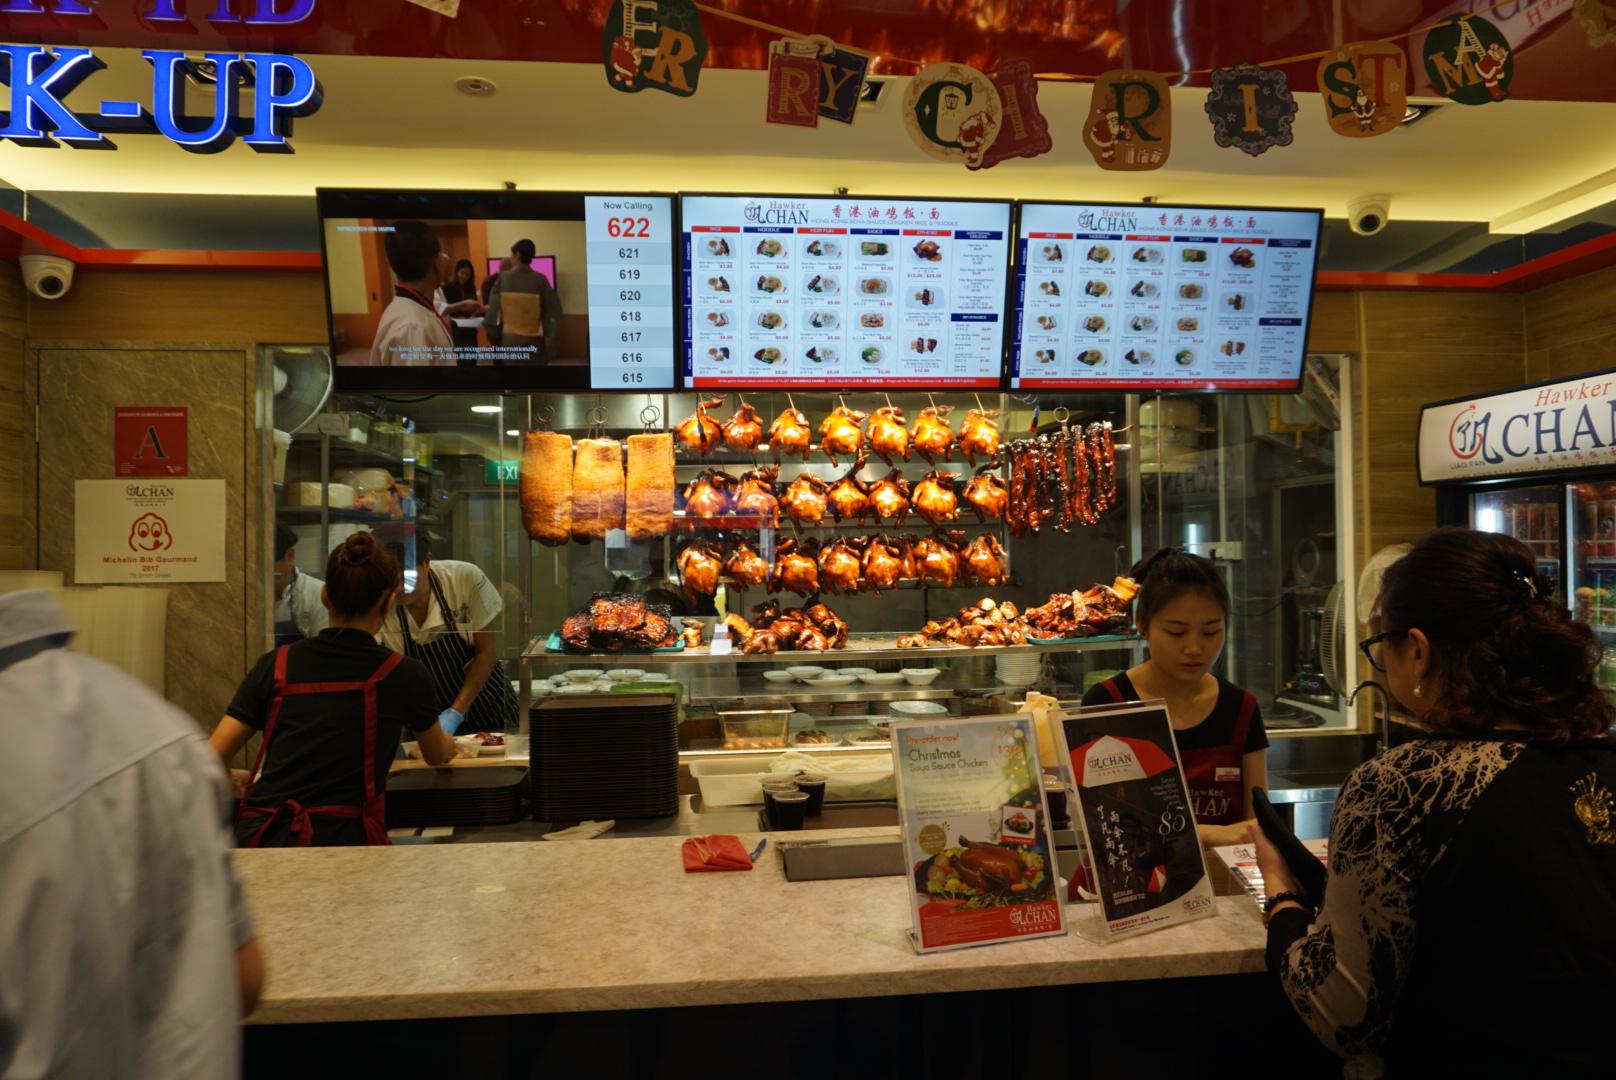 Liao Fan Hong Kong Soya, Chinatown location